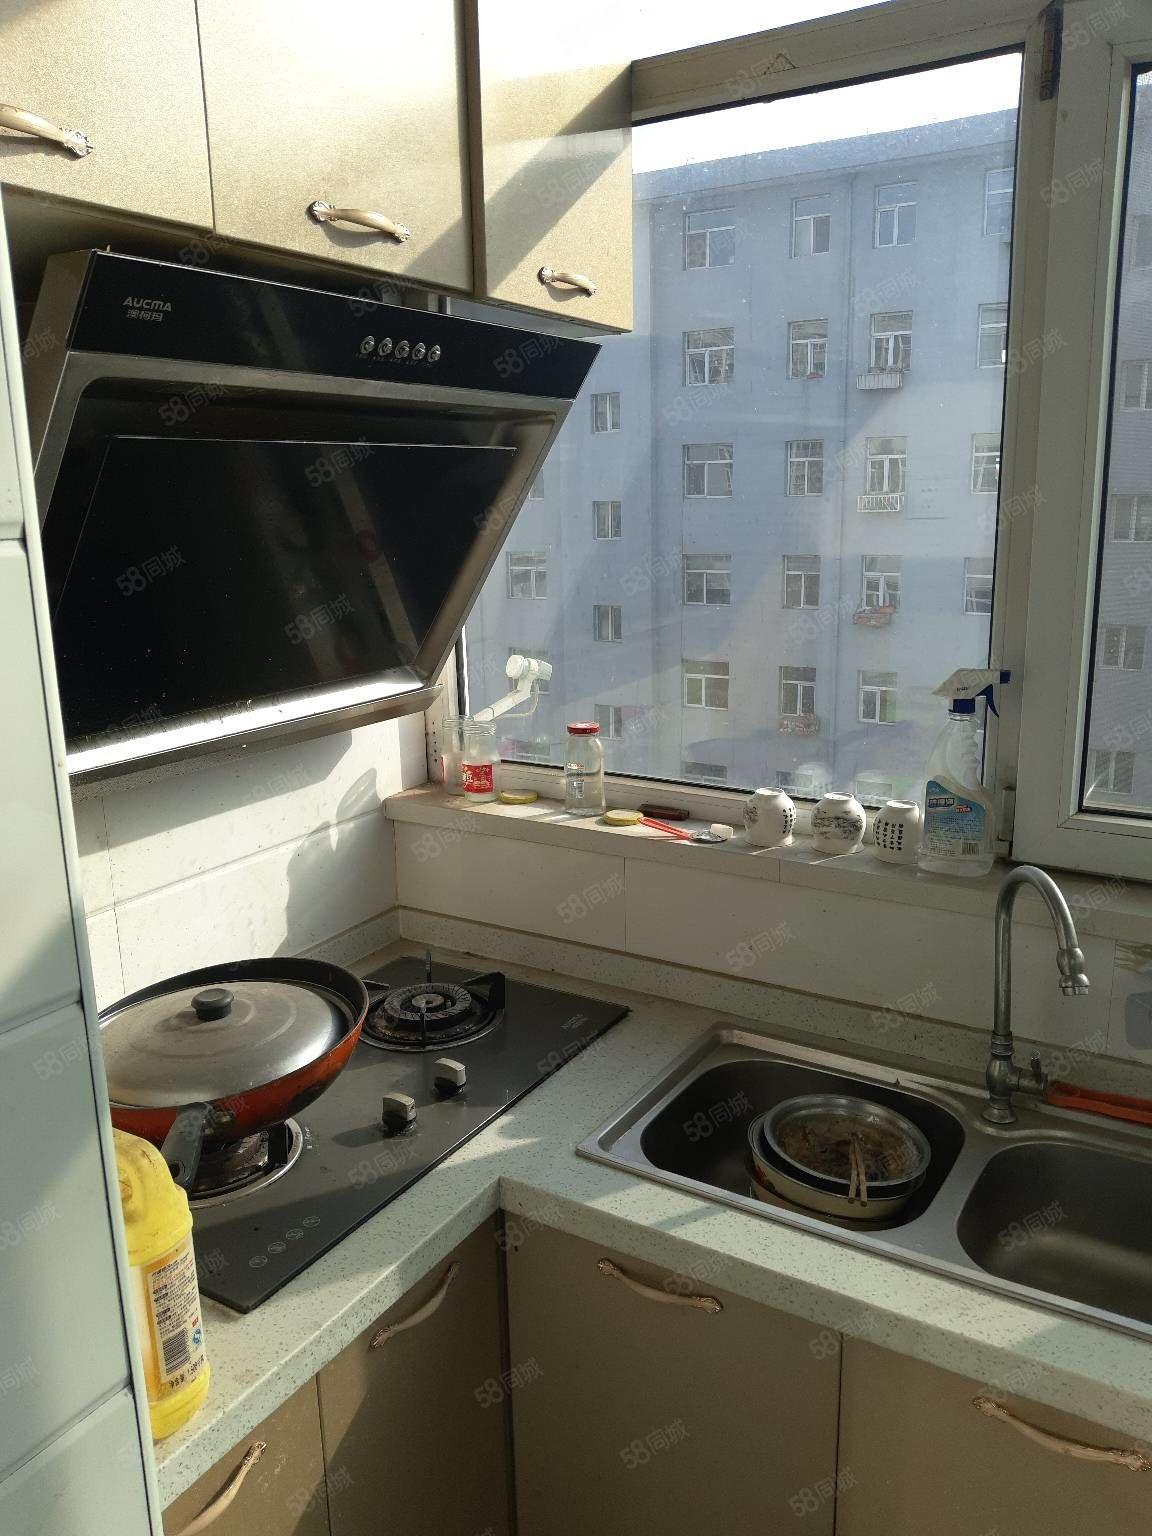 怡居苑三室高层出租有床能做饭停车方便家里干净整洁